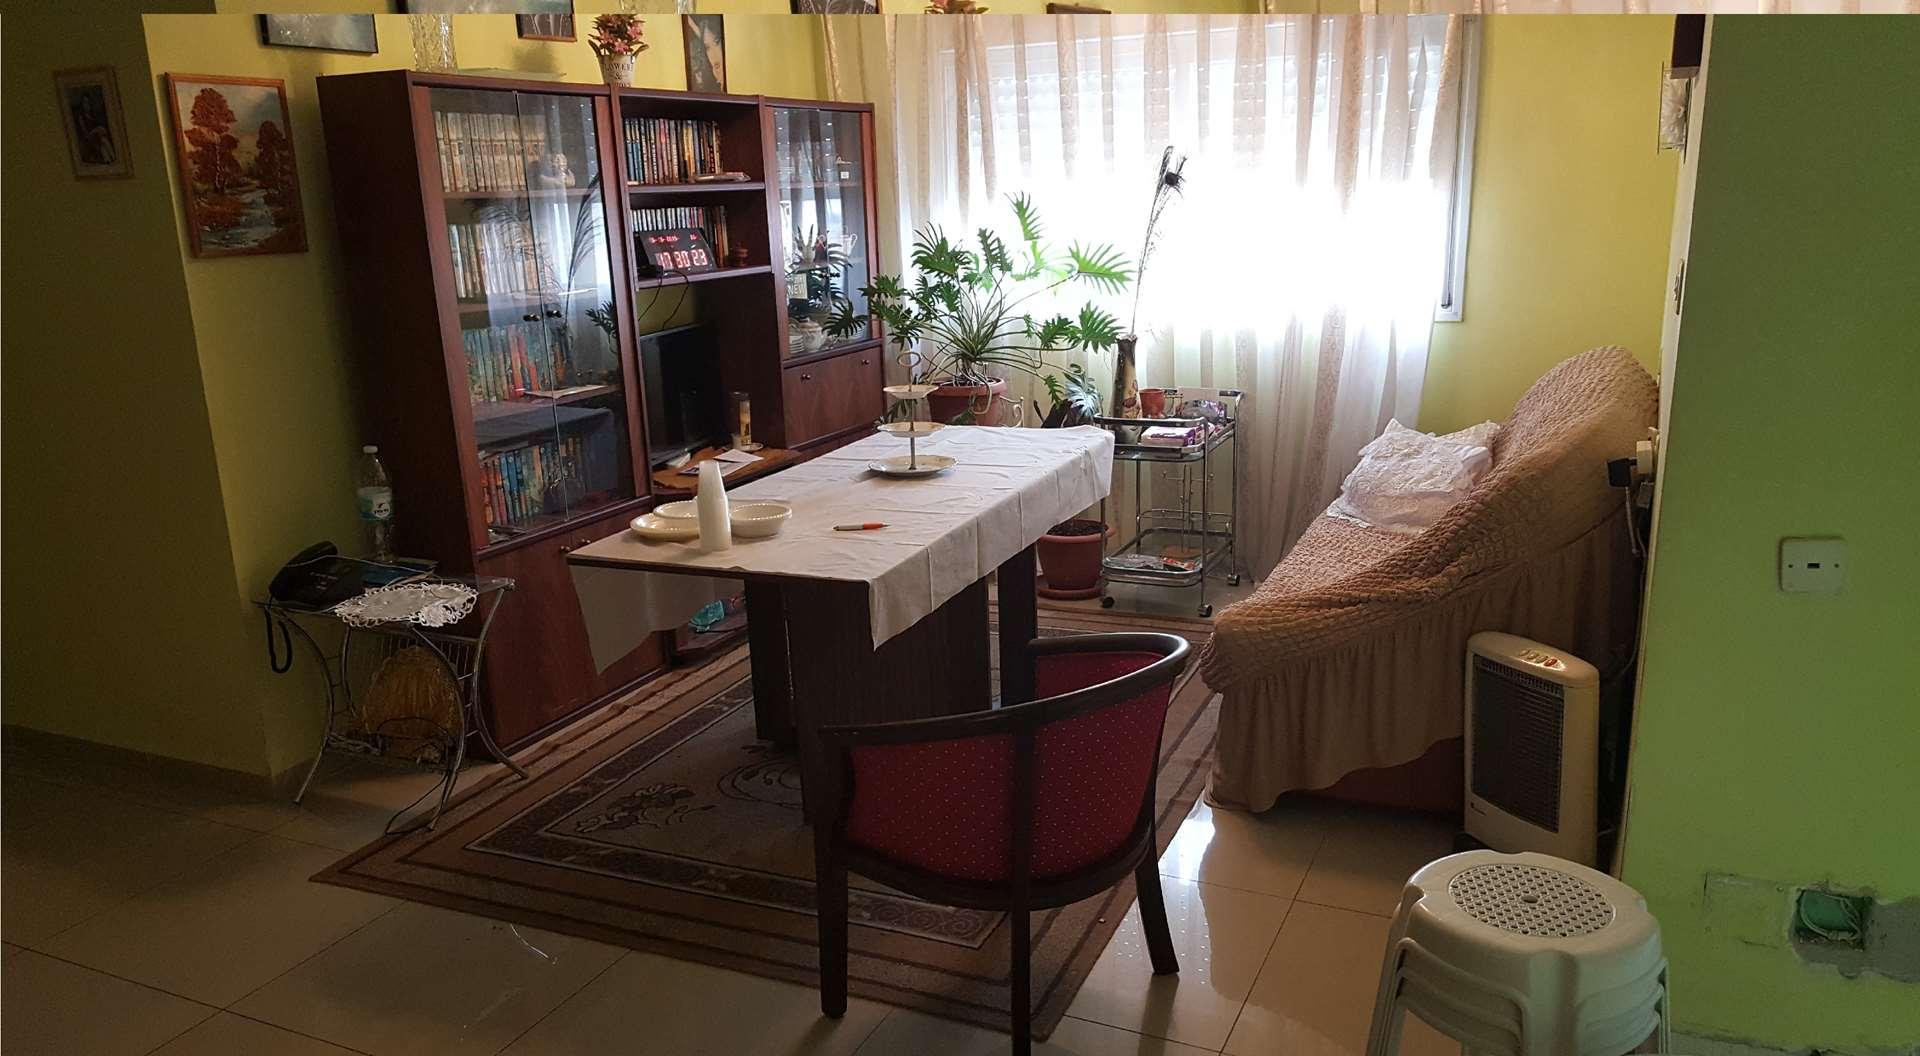 דירה להשכרה 3 חדרים בחיפה שלום שבזי נווה פז